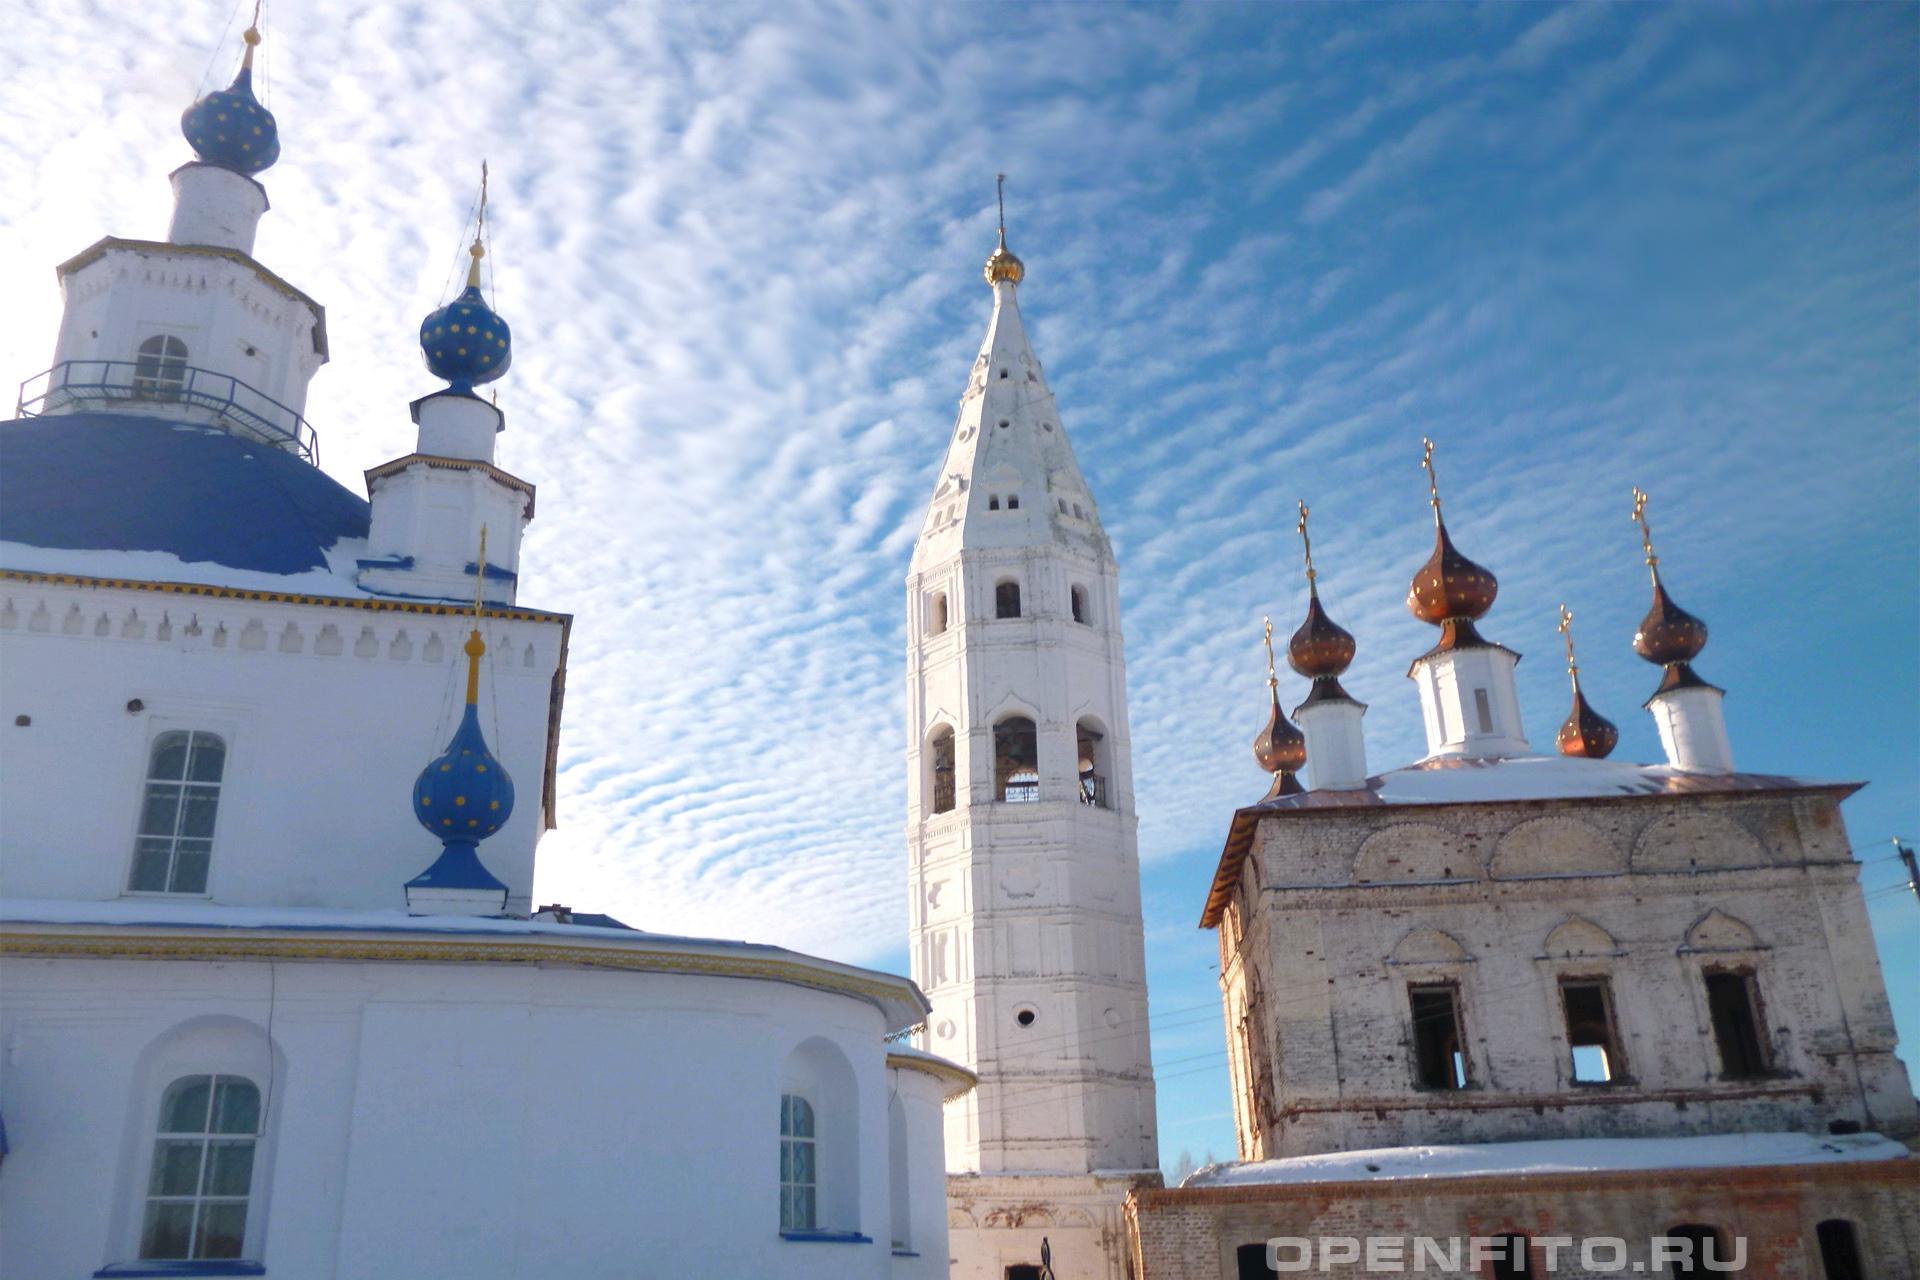 Иаково-Железноборовский мужской монастырь Монастырь состоит из храма Рождества Богородицы - это с голубыми куполами и храма Рождества Иоанна Предтечи